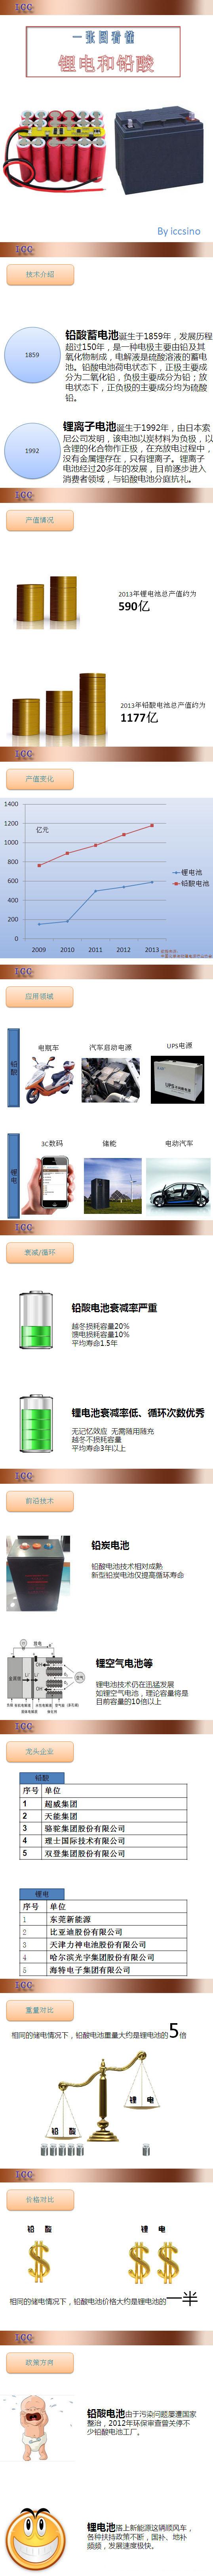 了解锂电池与铅酸电池的只需一张图